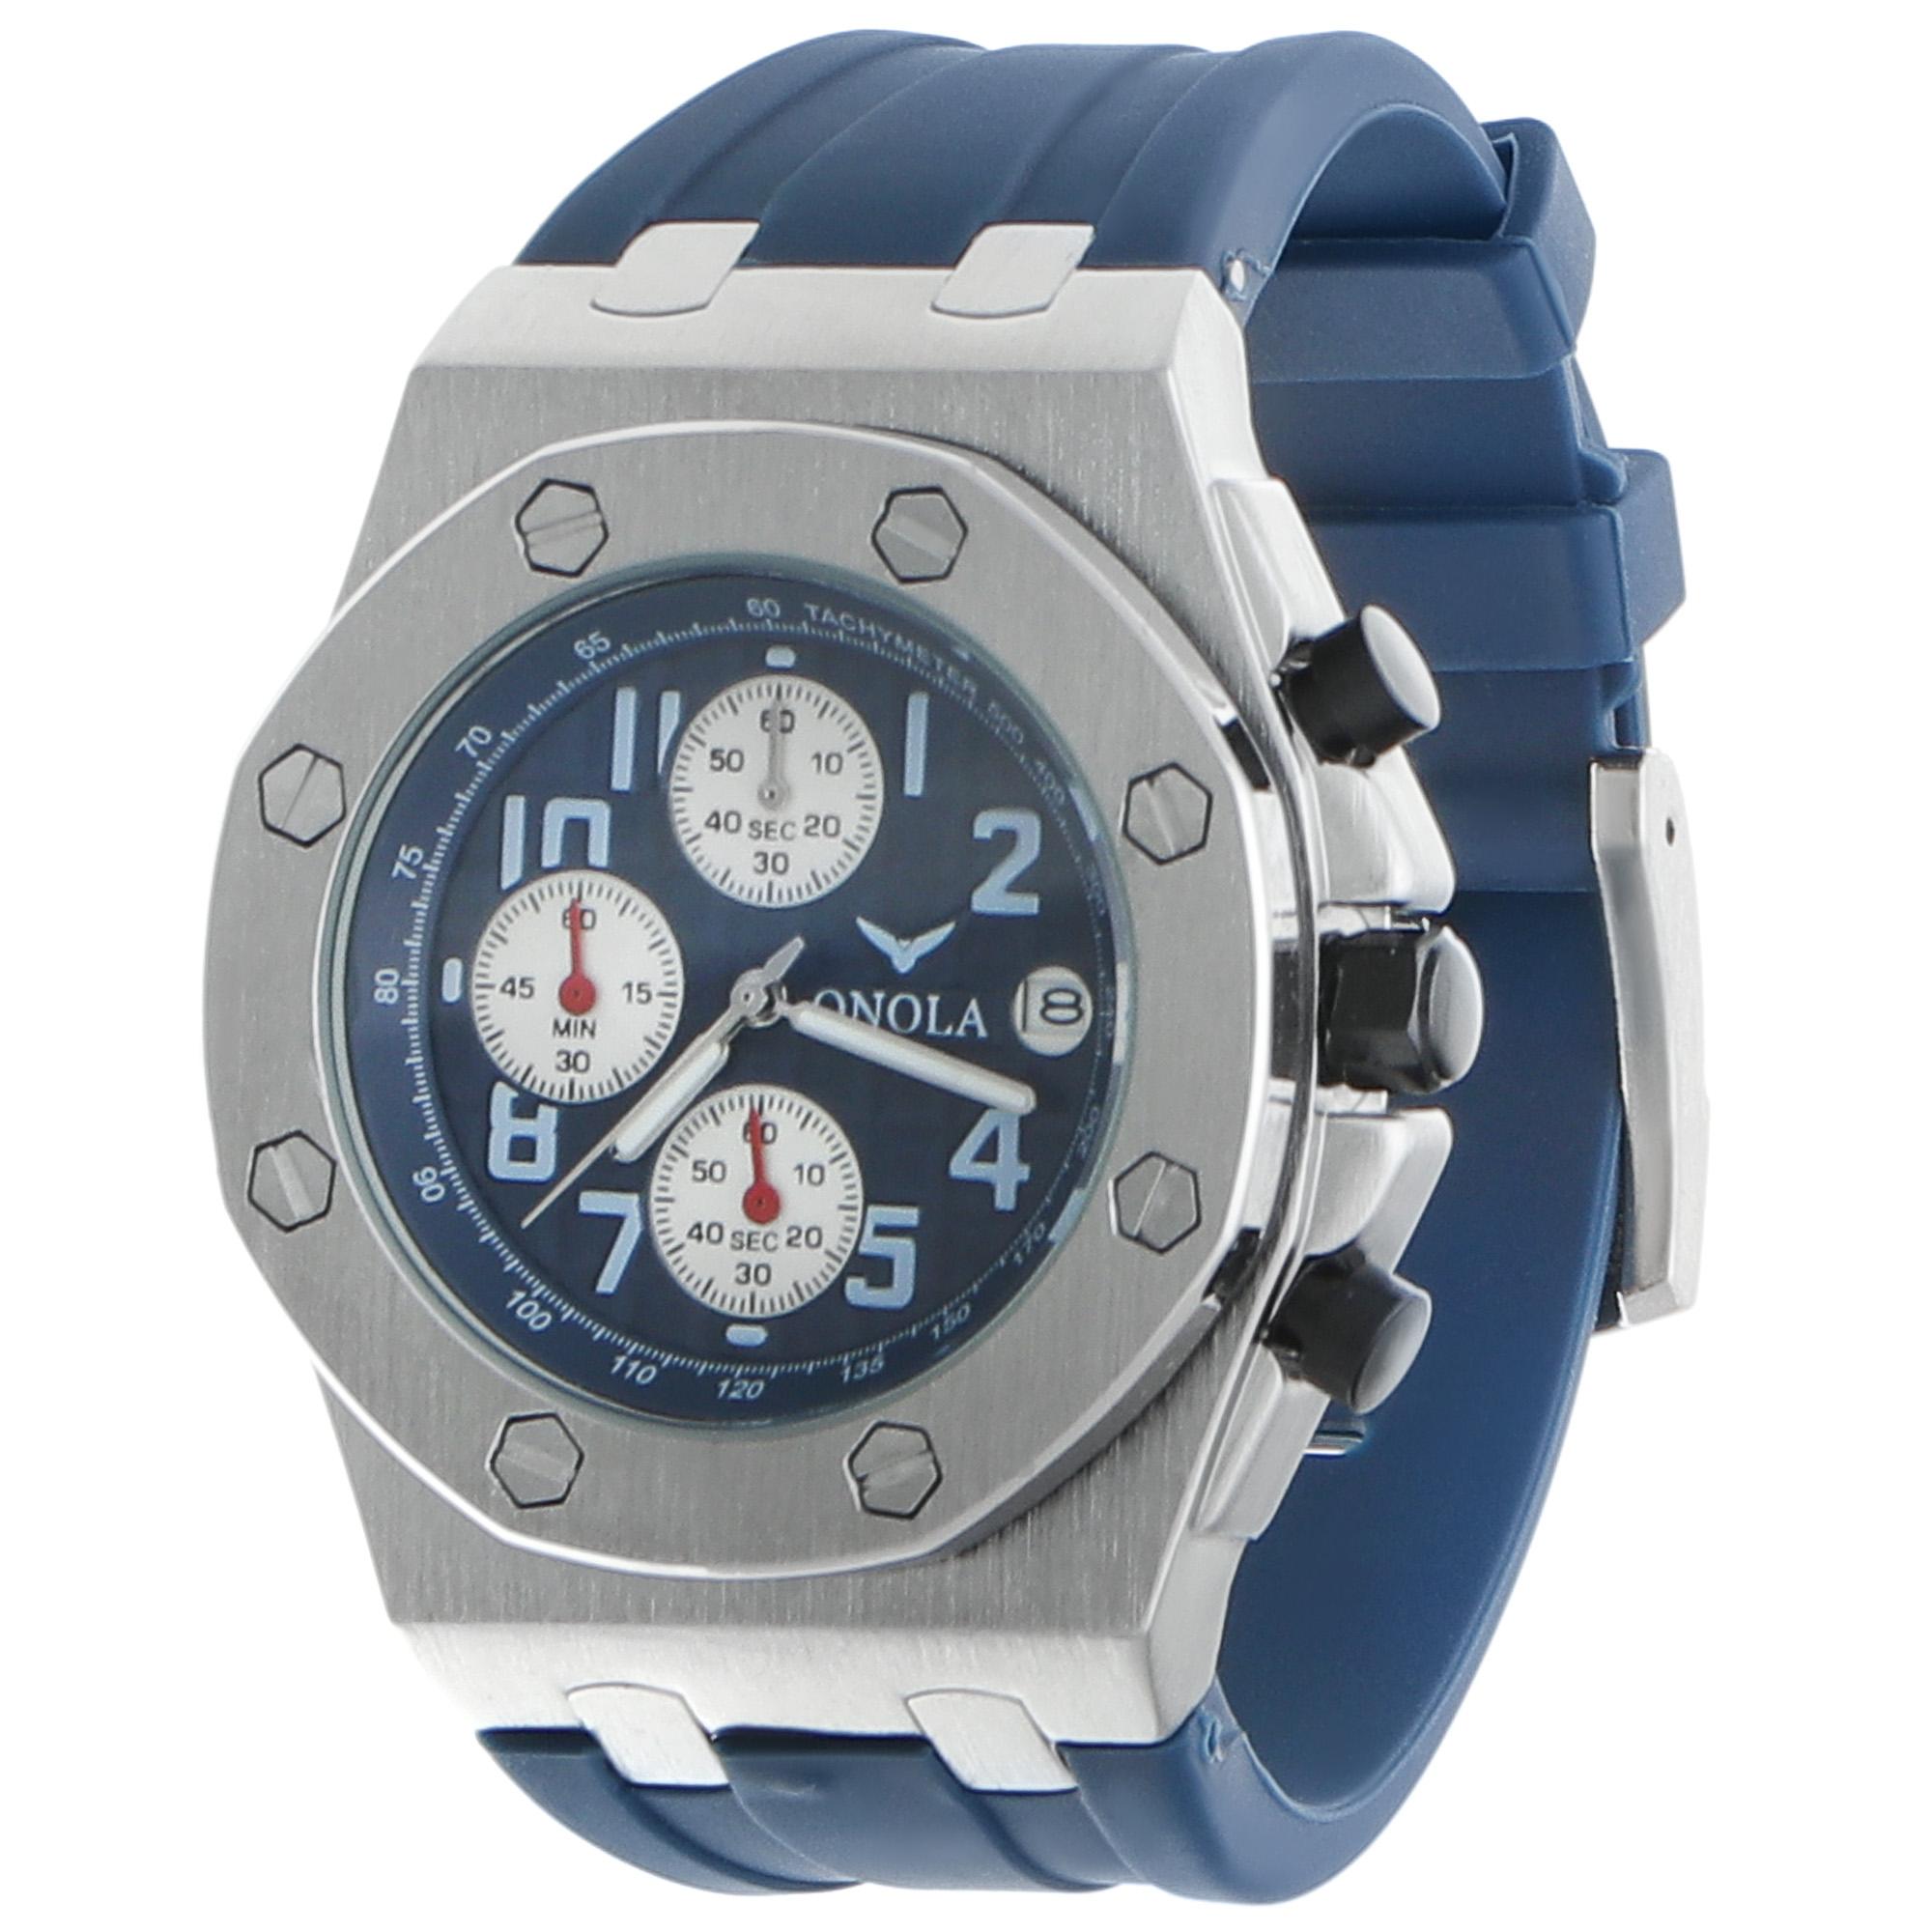 Часы наручные ONOLA ALN01192121 часы наручные shiyi watch ochstin agsda050119